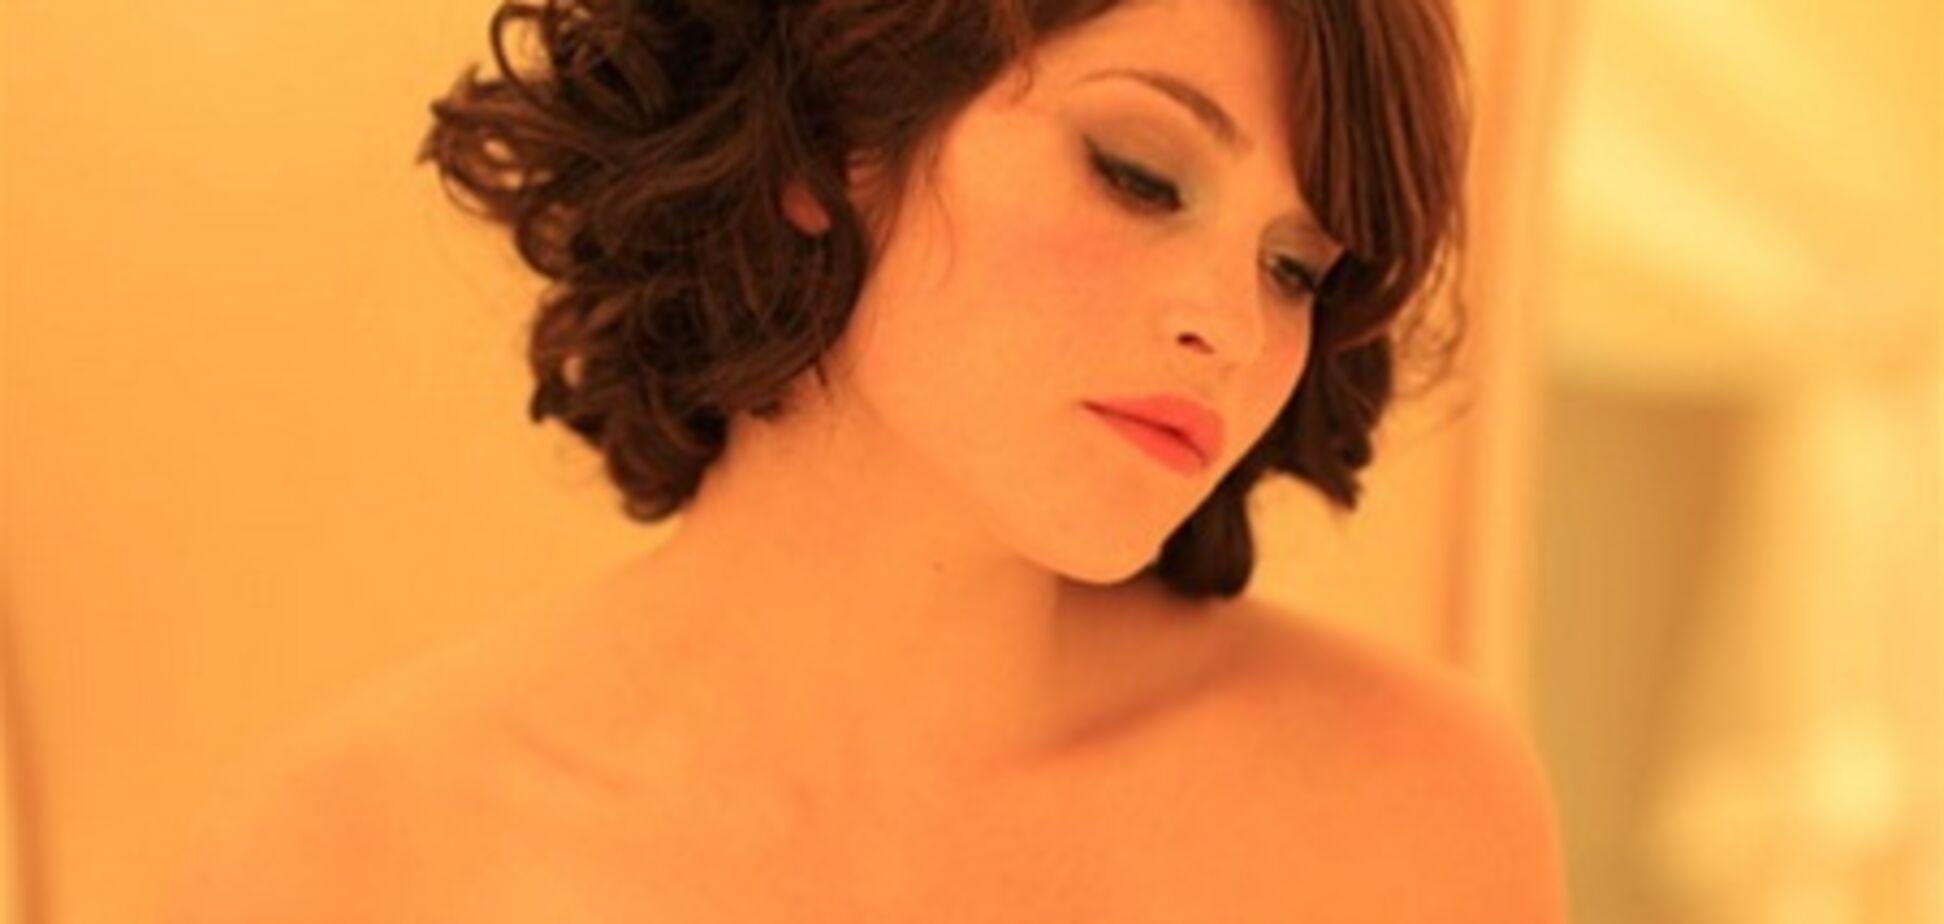 Джемма Артертон: сексуальные локоны и интимный оранжевый свет